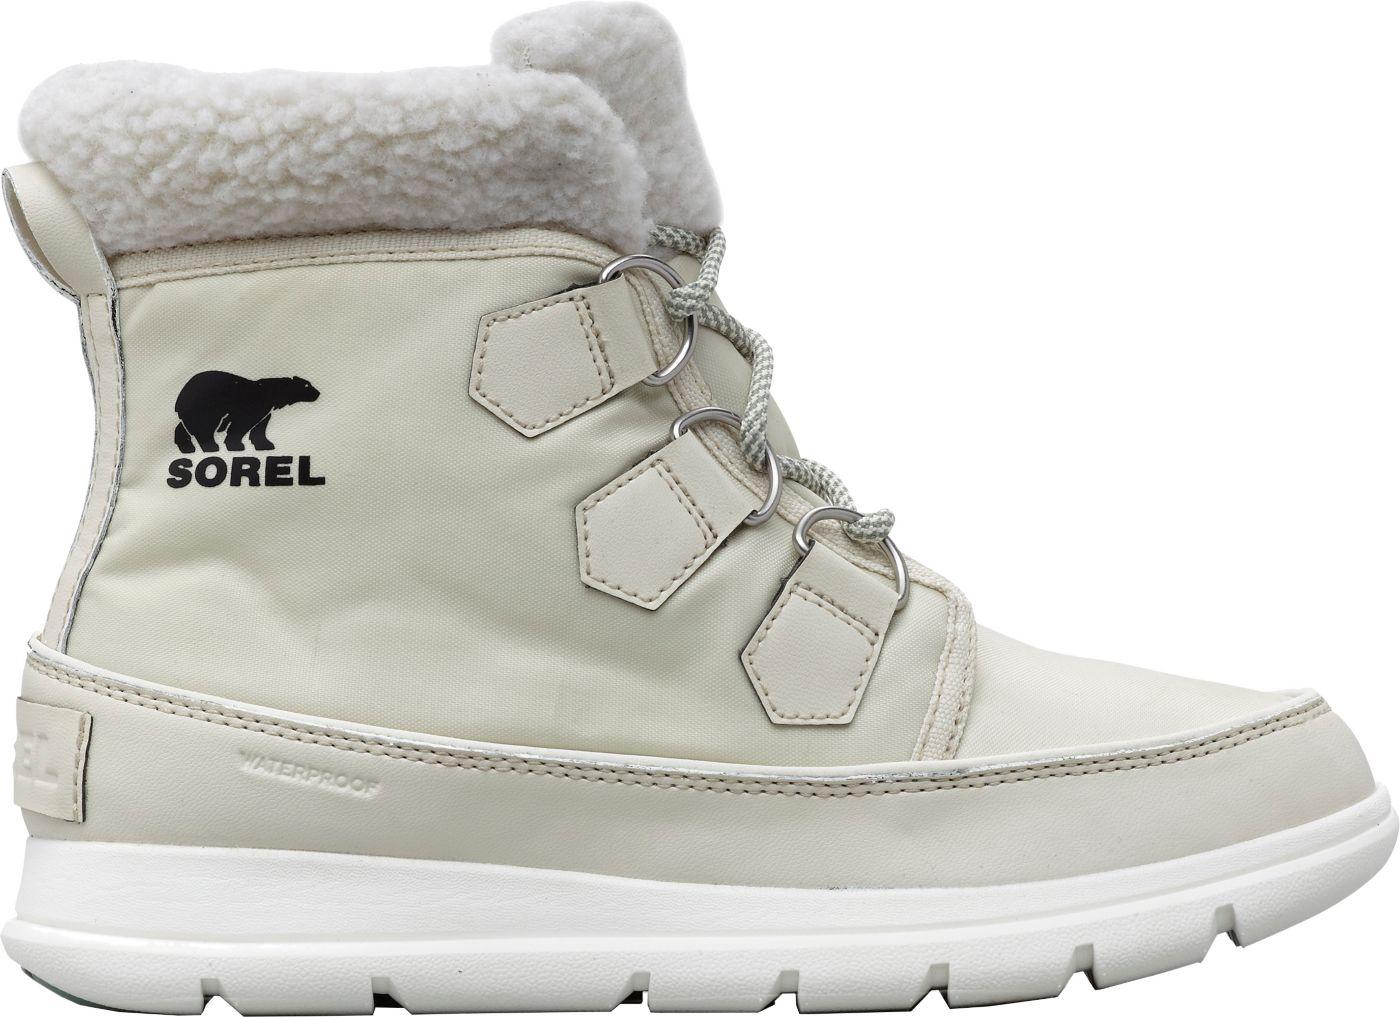 SOREL Women's Explorer Carnival Waterproof 100g Winter Boots